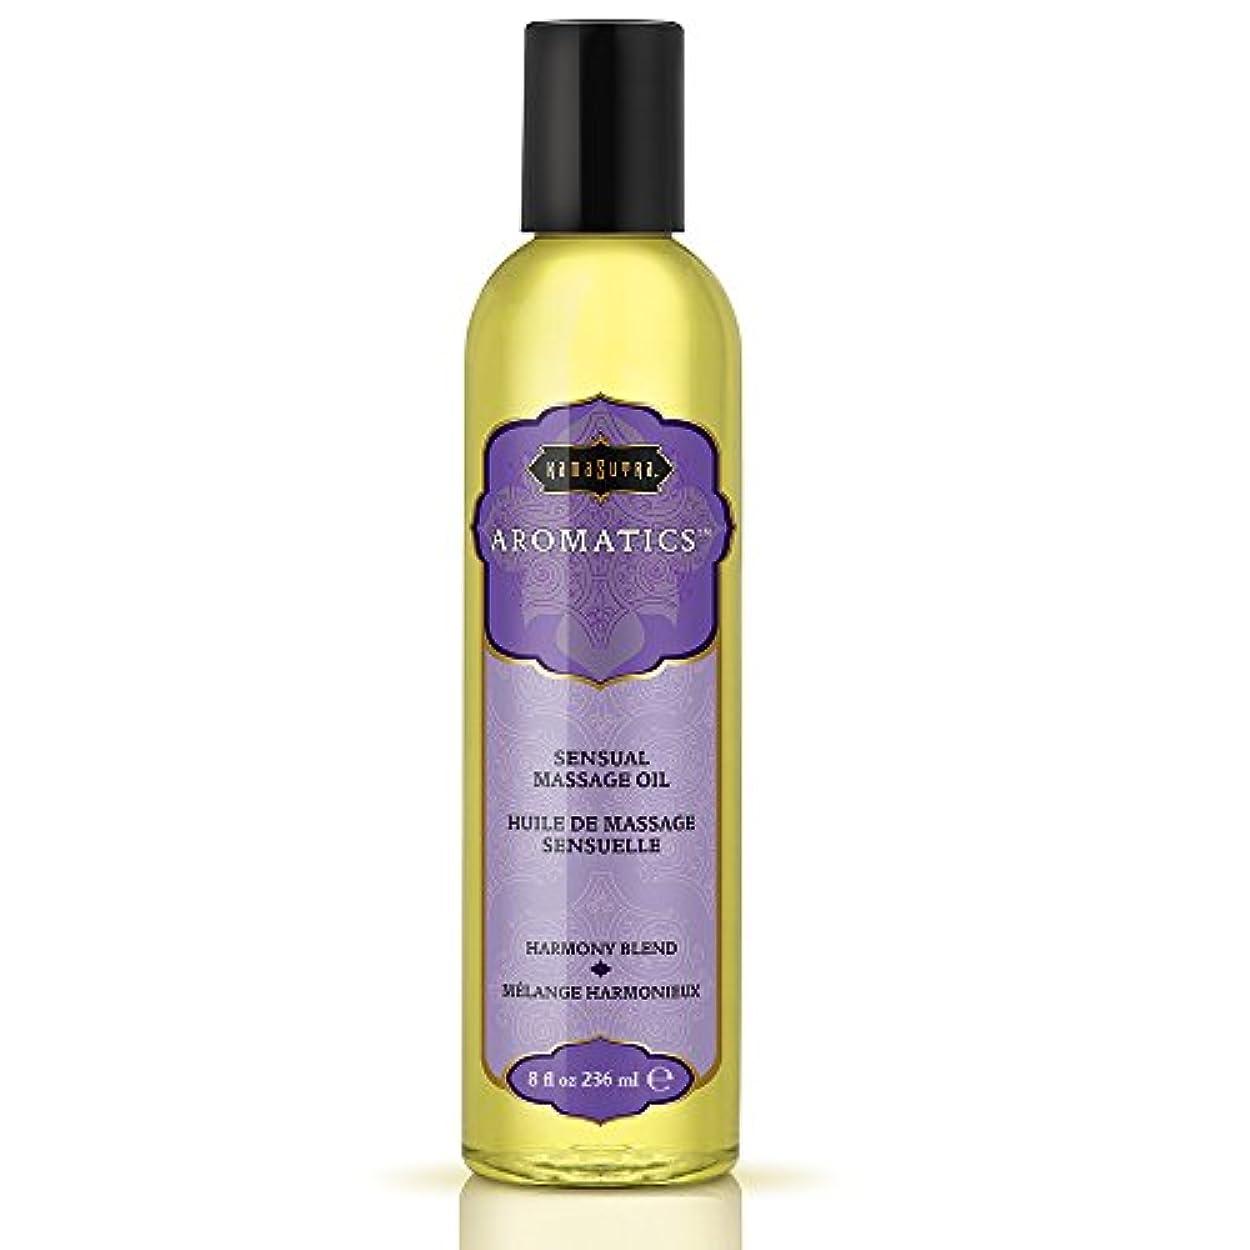 非互換卒業余剰Aromatic Massage Oil Harmony Blend 8oz by Kama Sutra